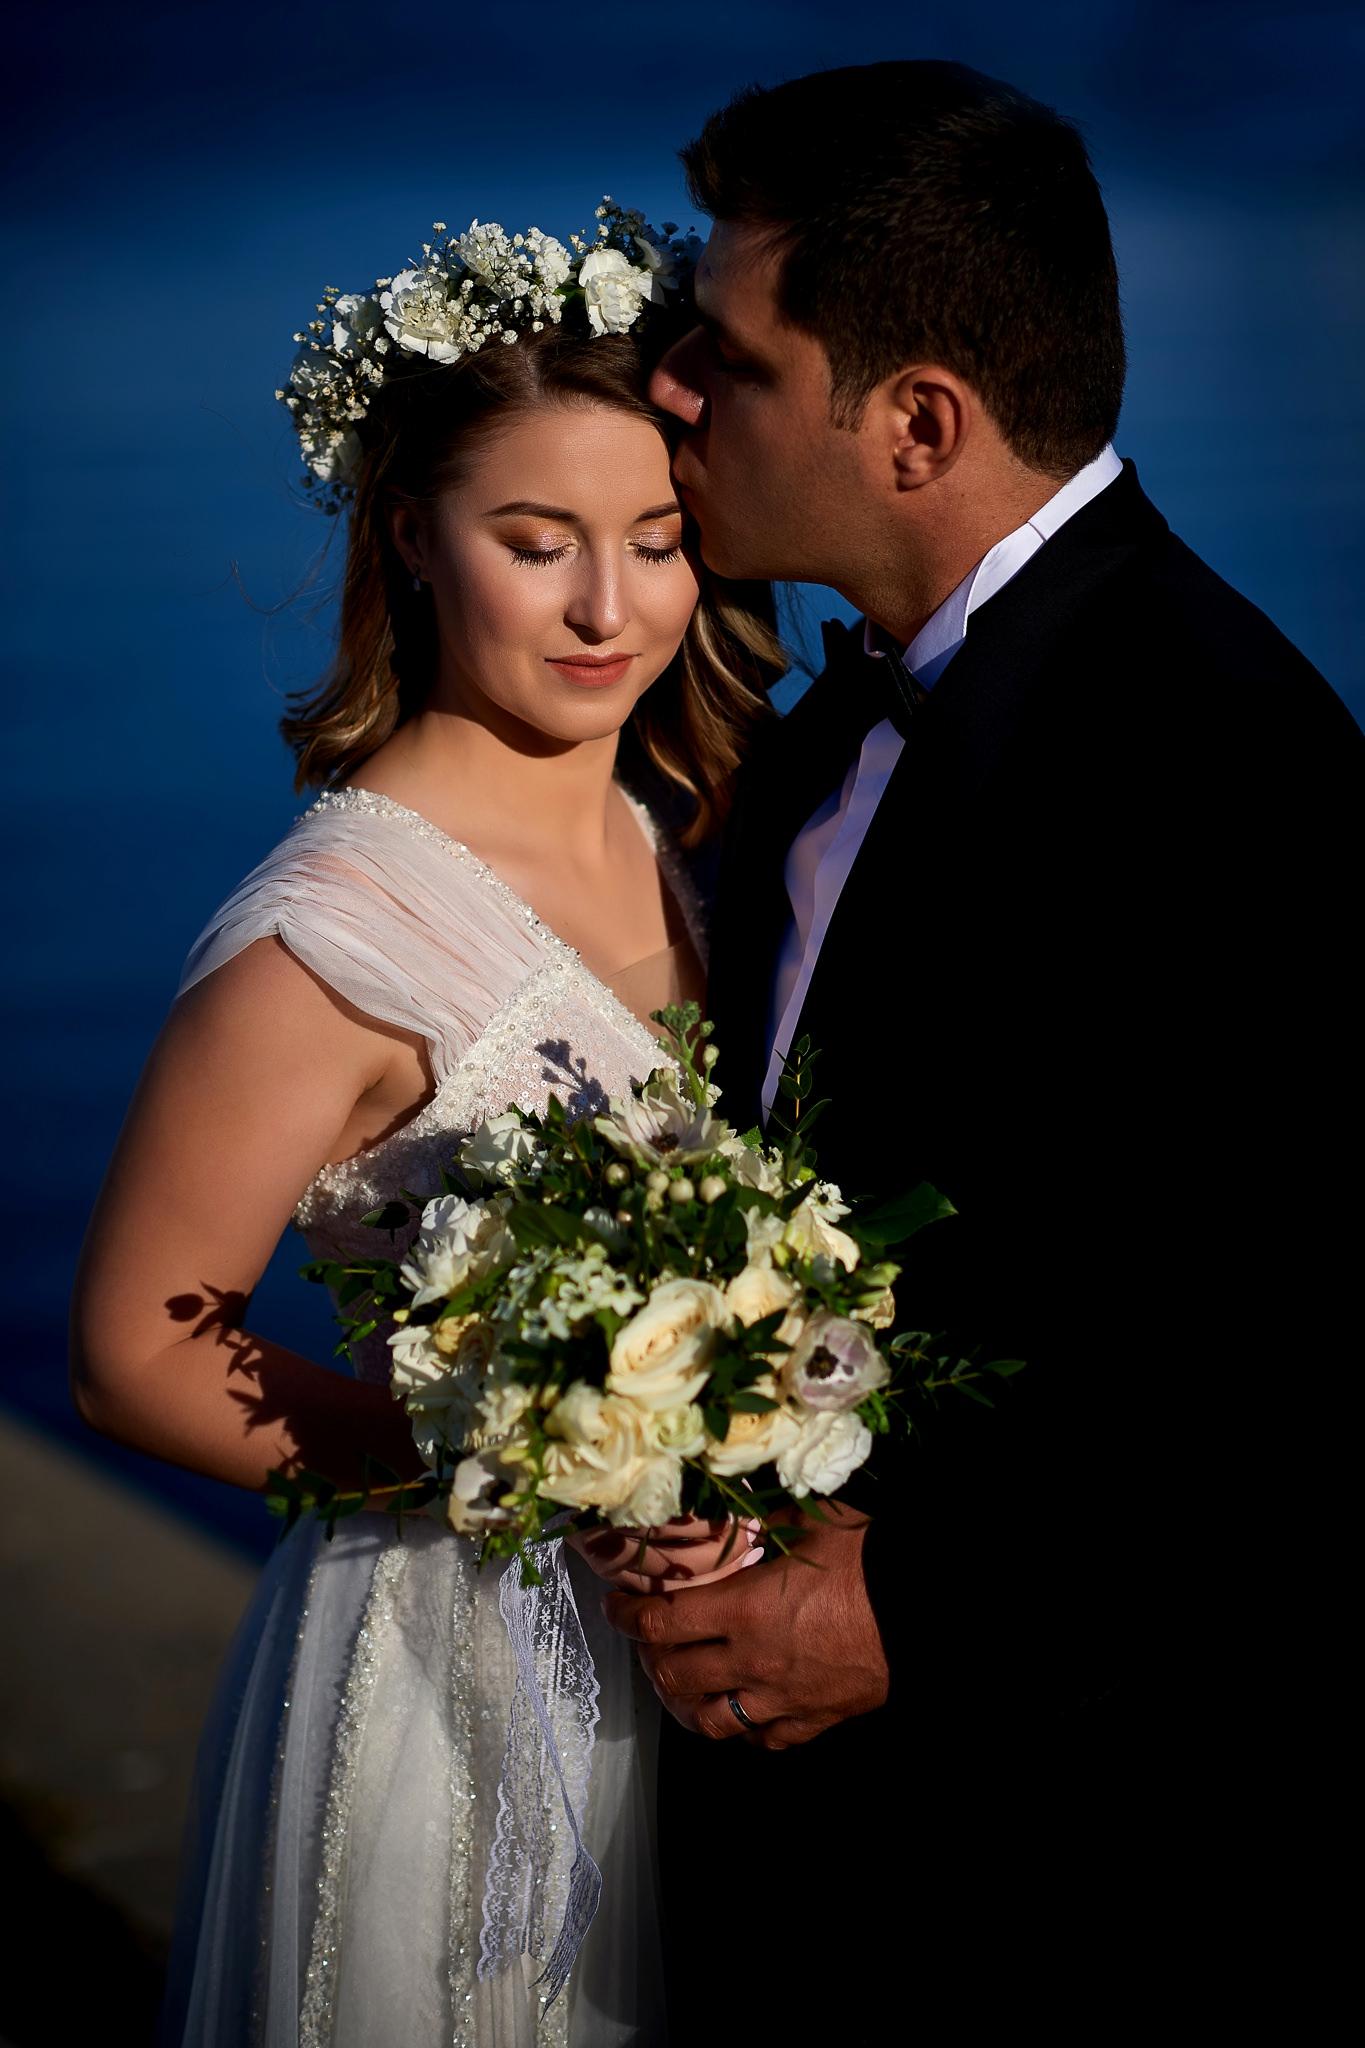 50 foto nunta pret bun